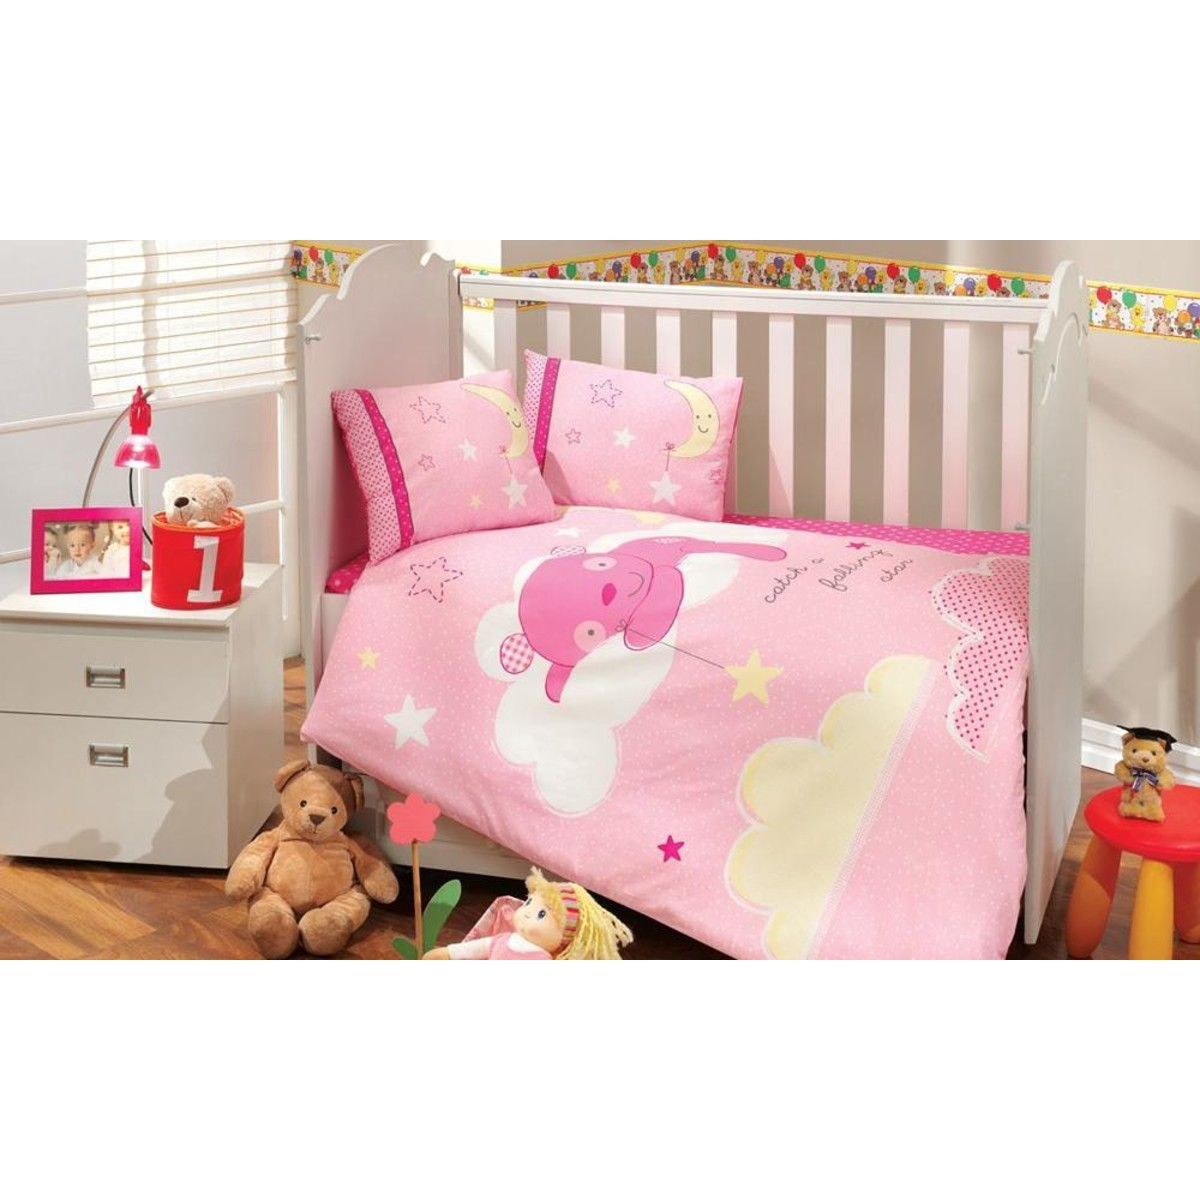 Комплект Постельного Белья В Кроватку Hobby Home Collection Sleeper 1501000951 Поплин